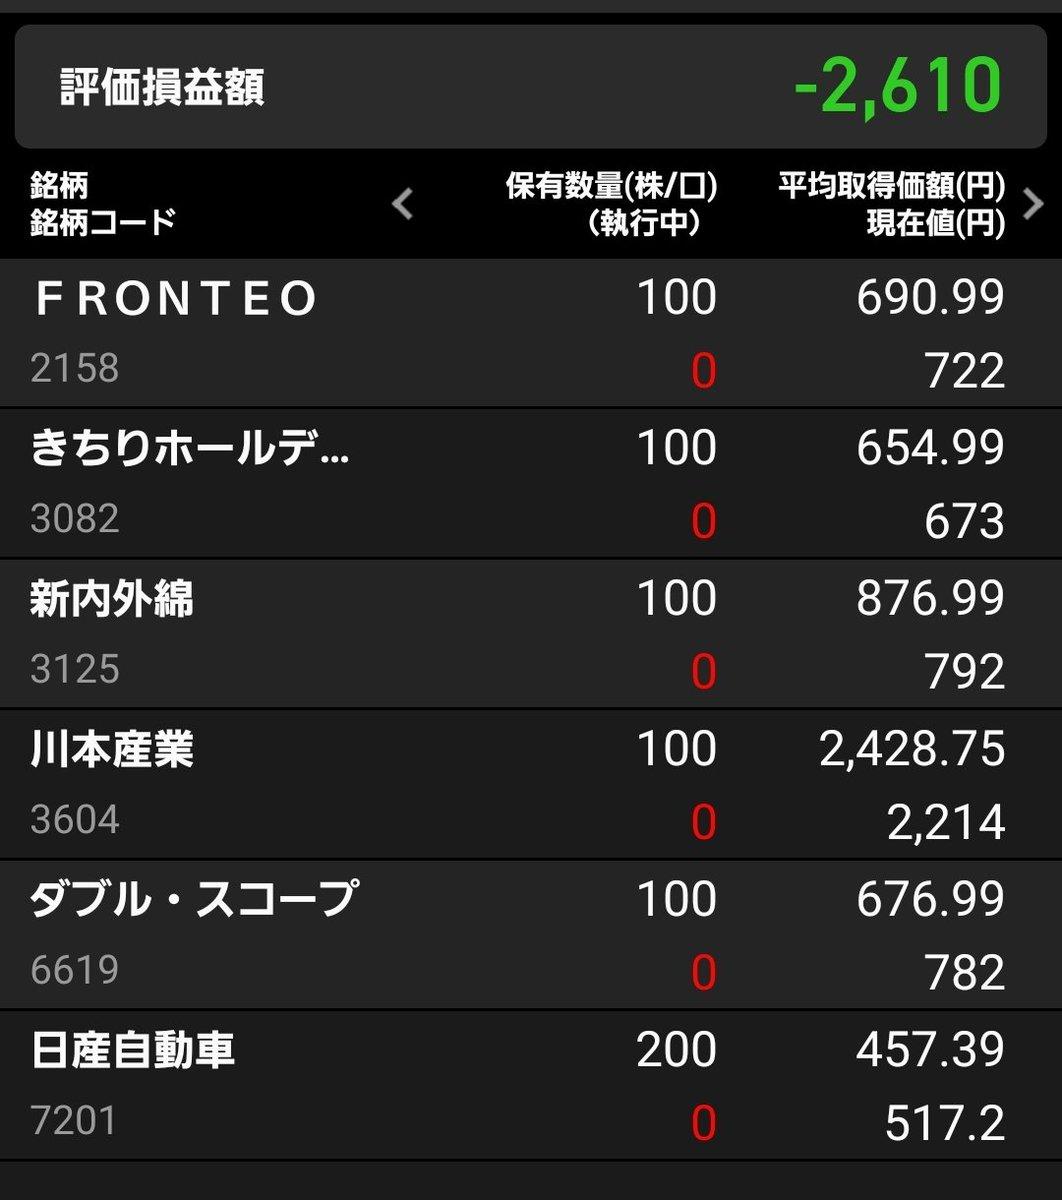 株価 2158